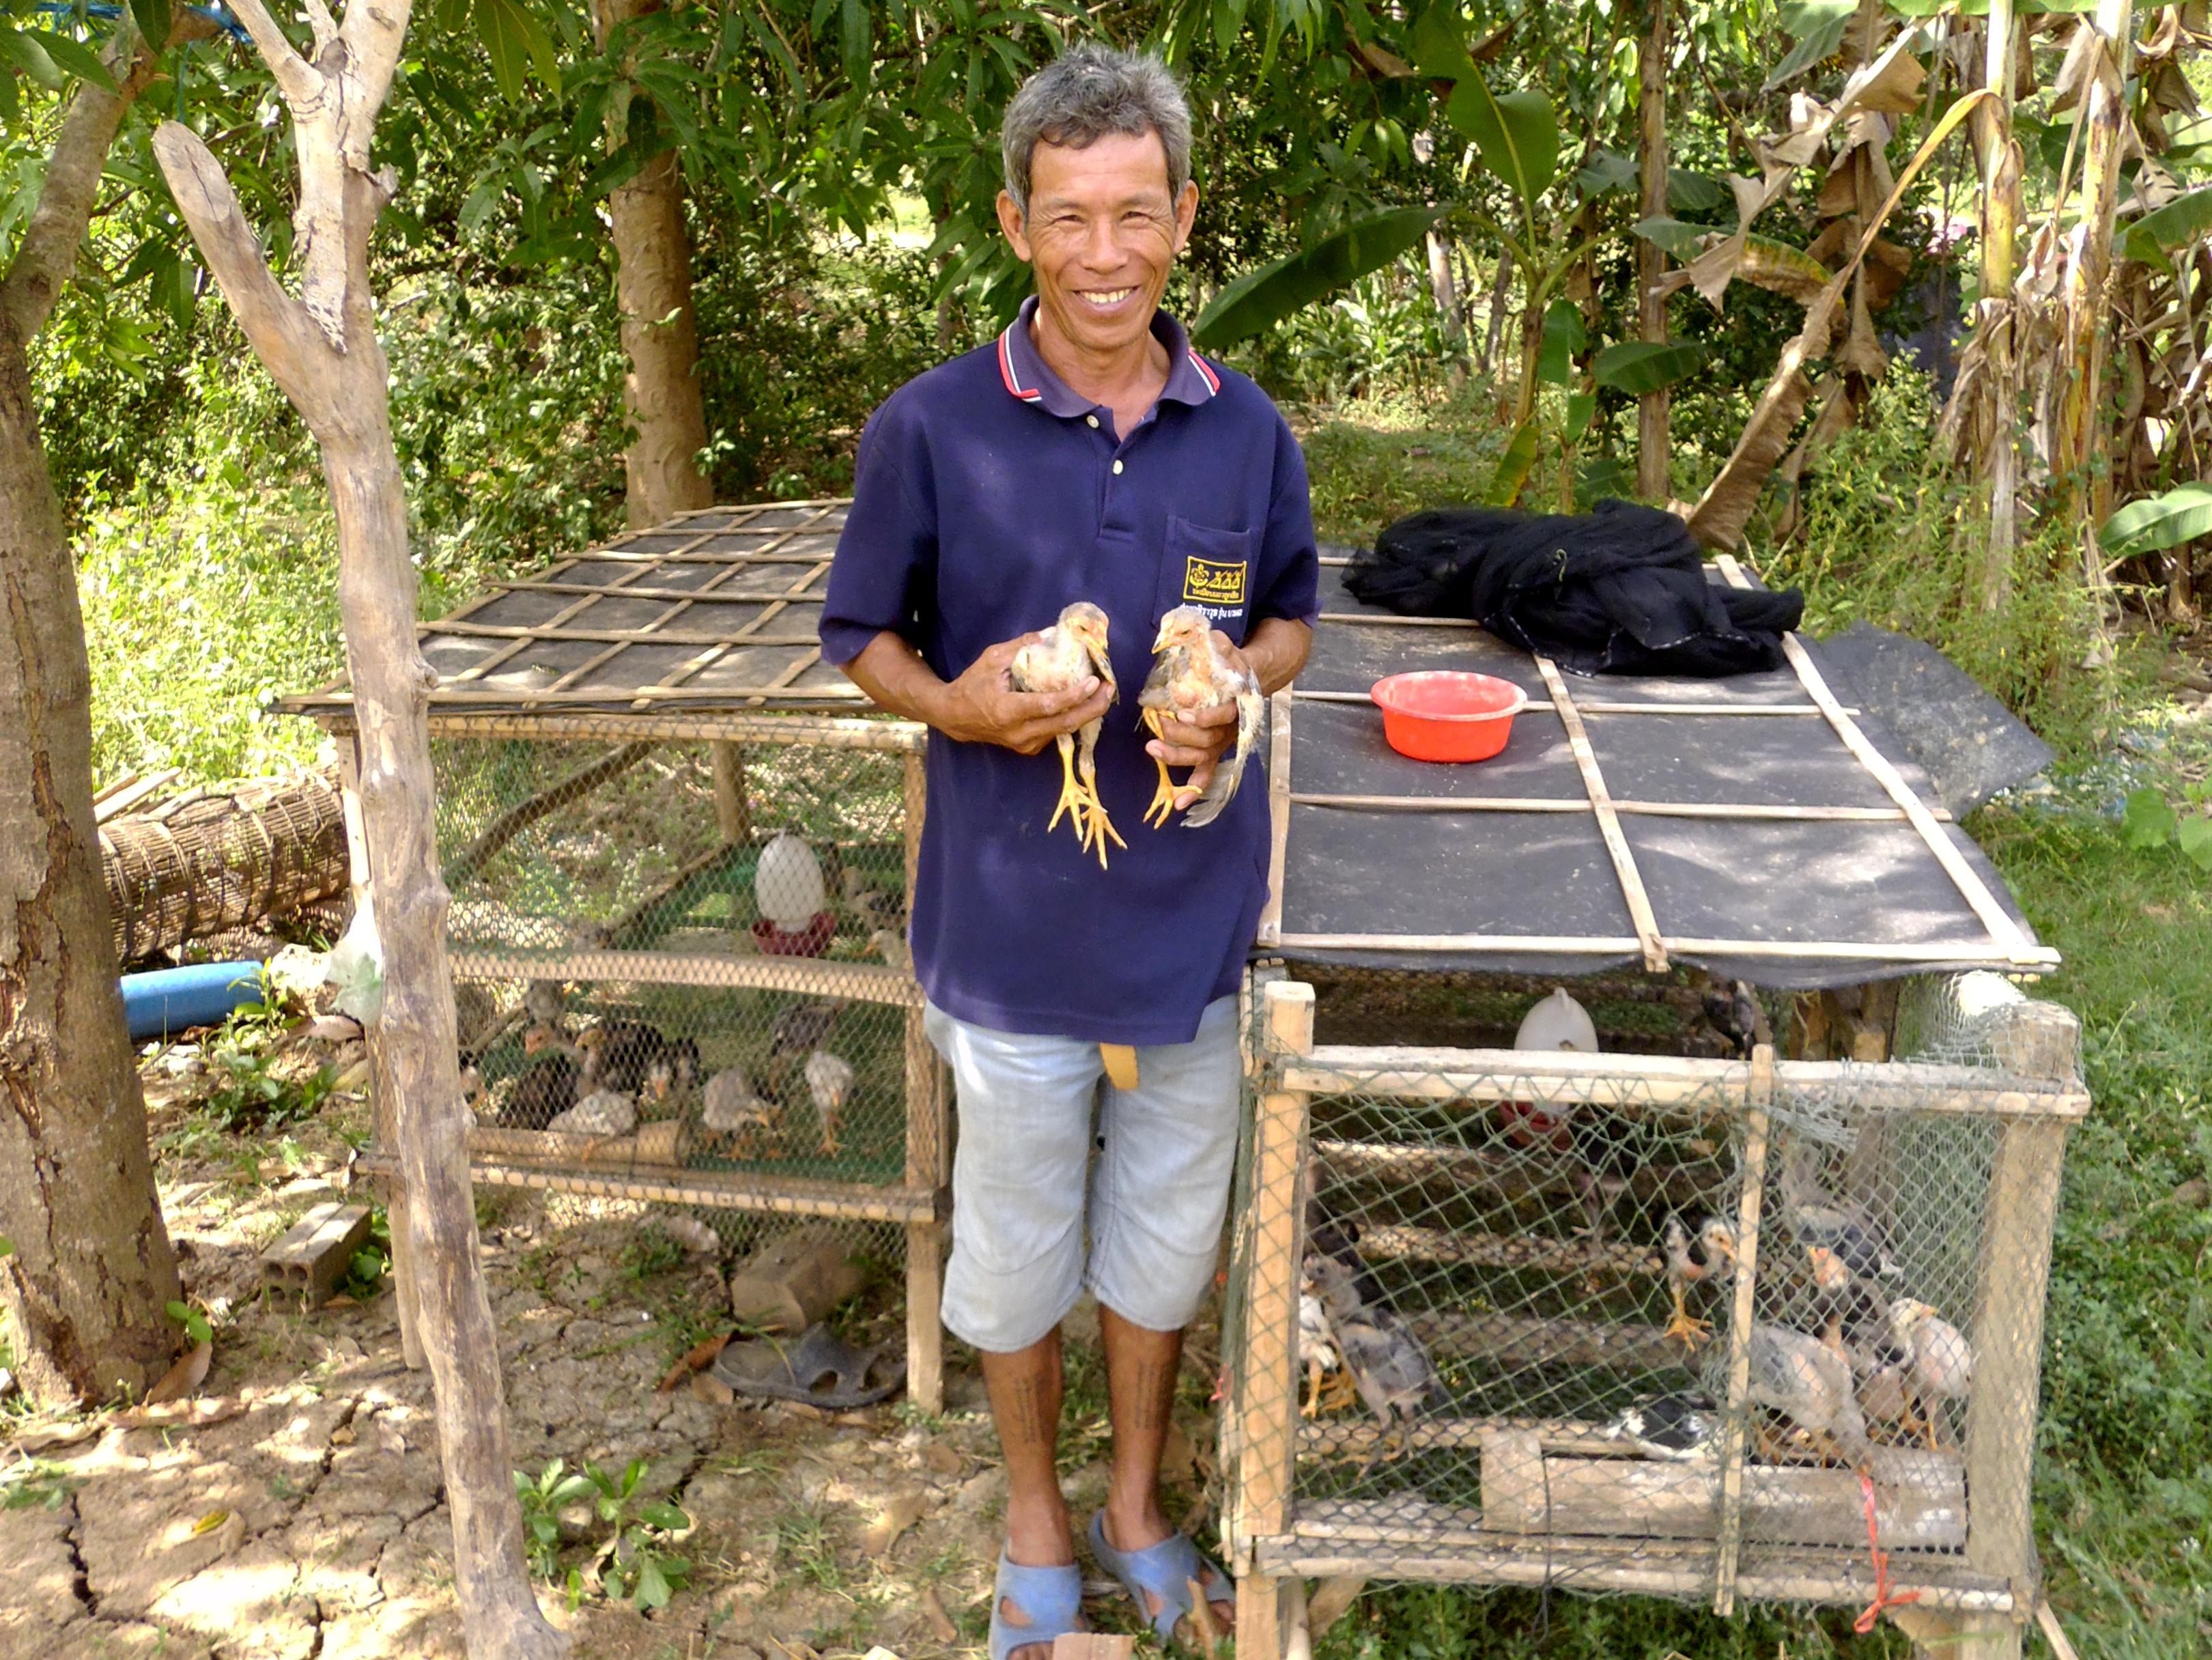 Kambodza-2015-Som-Sophorn-skoleni-postavil-kurnik-chova-kurata.JPG-B0Og9hn2l08rK7nBU595evDd.JPG